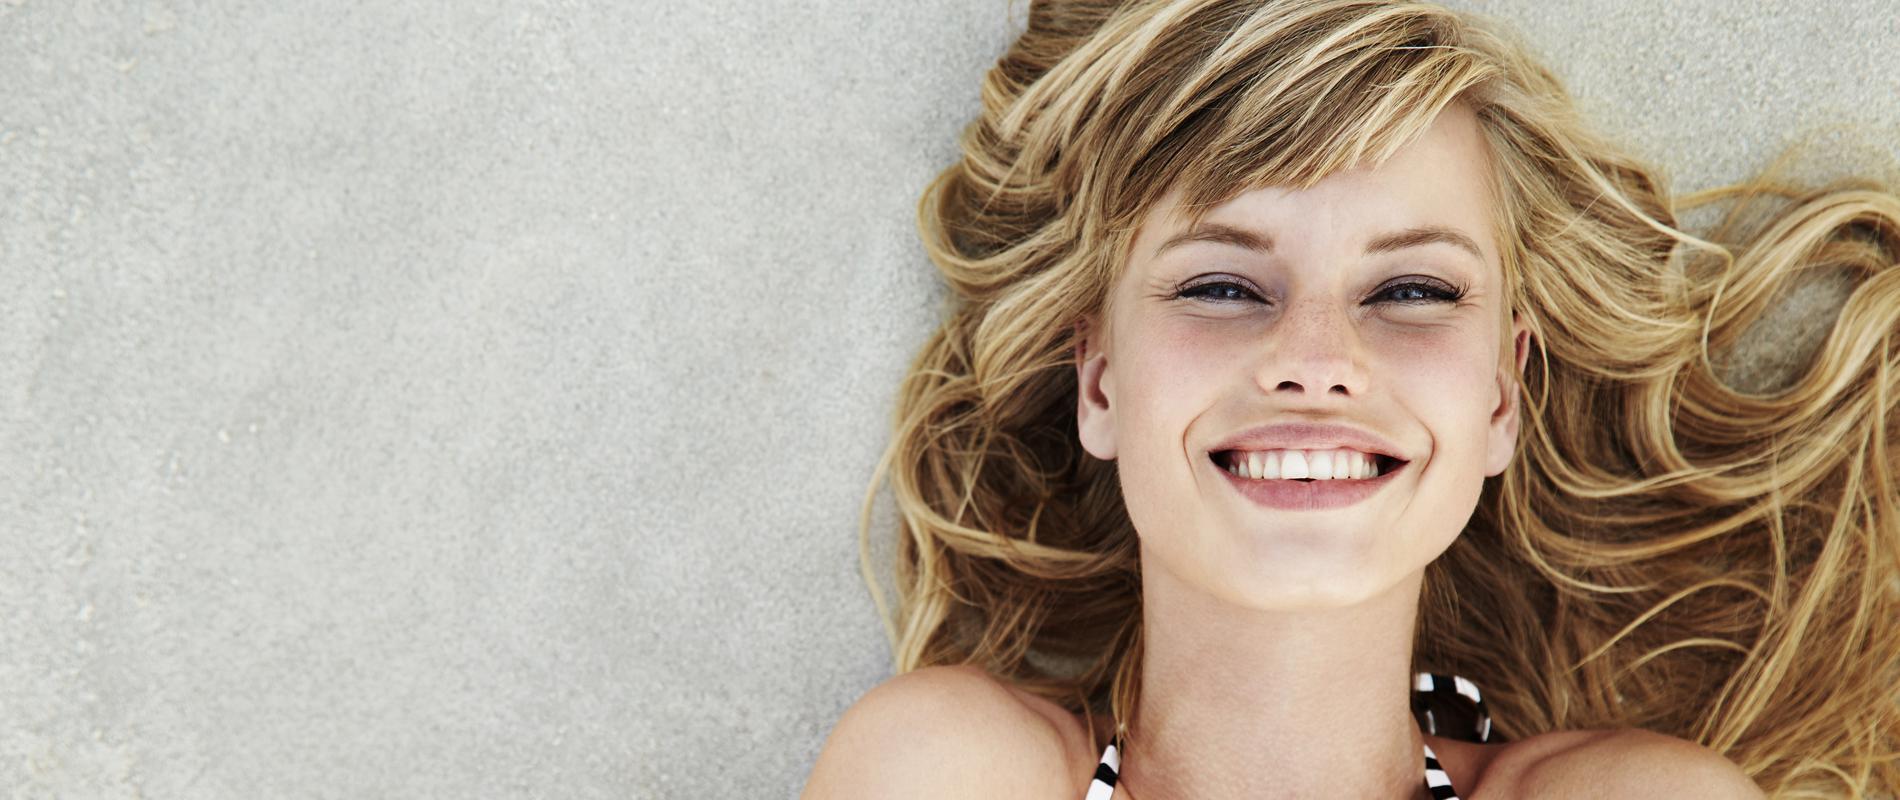 你幸福吗?英国科学家公布五大幸福法宝